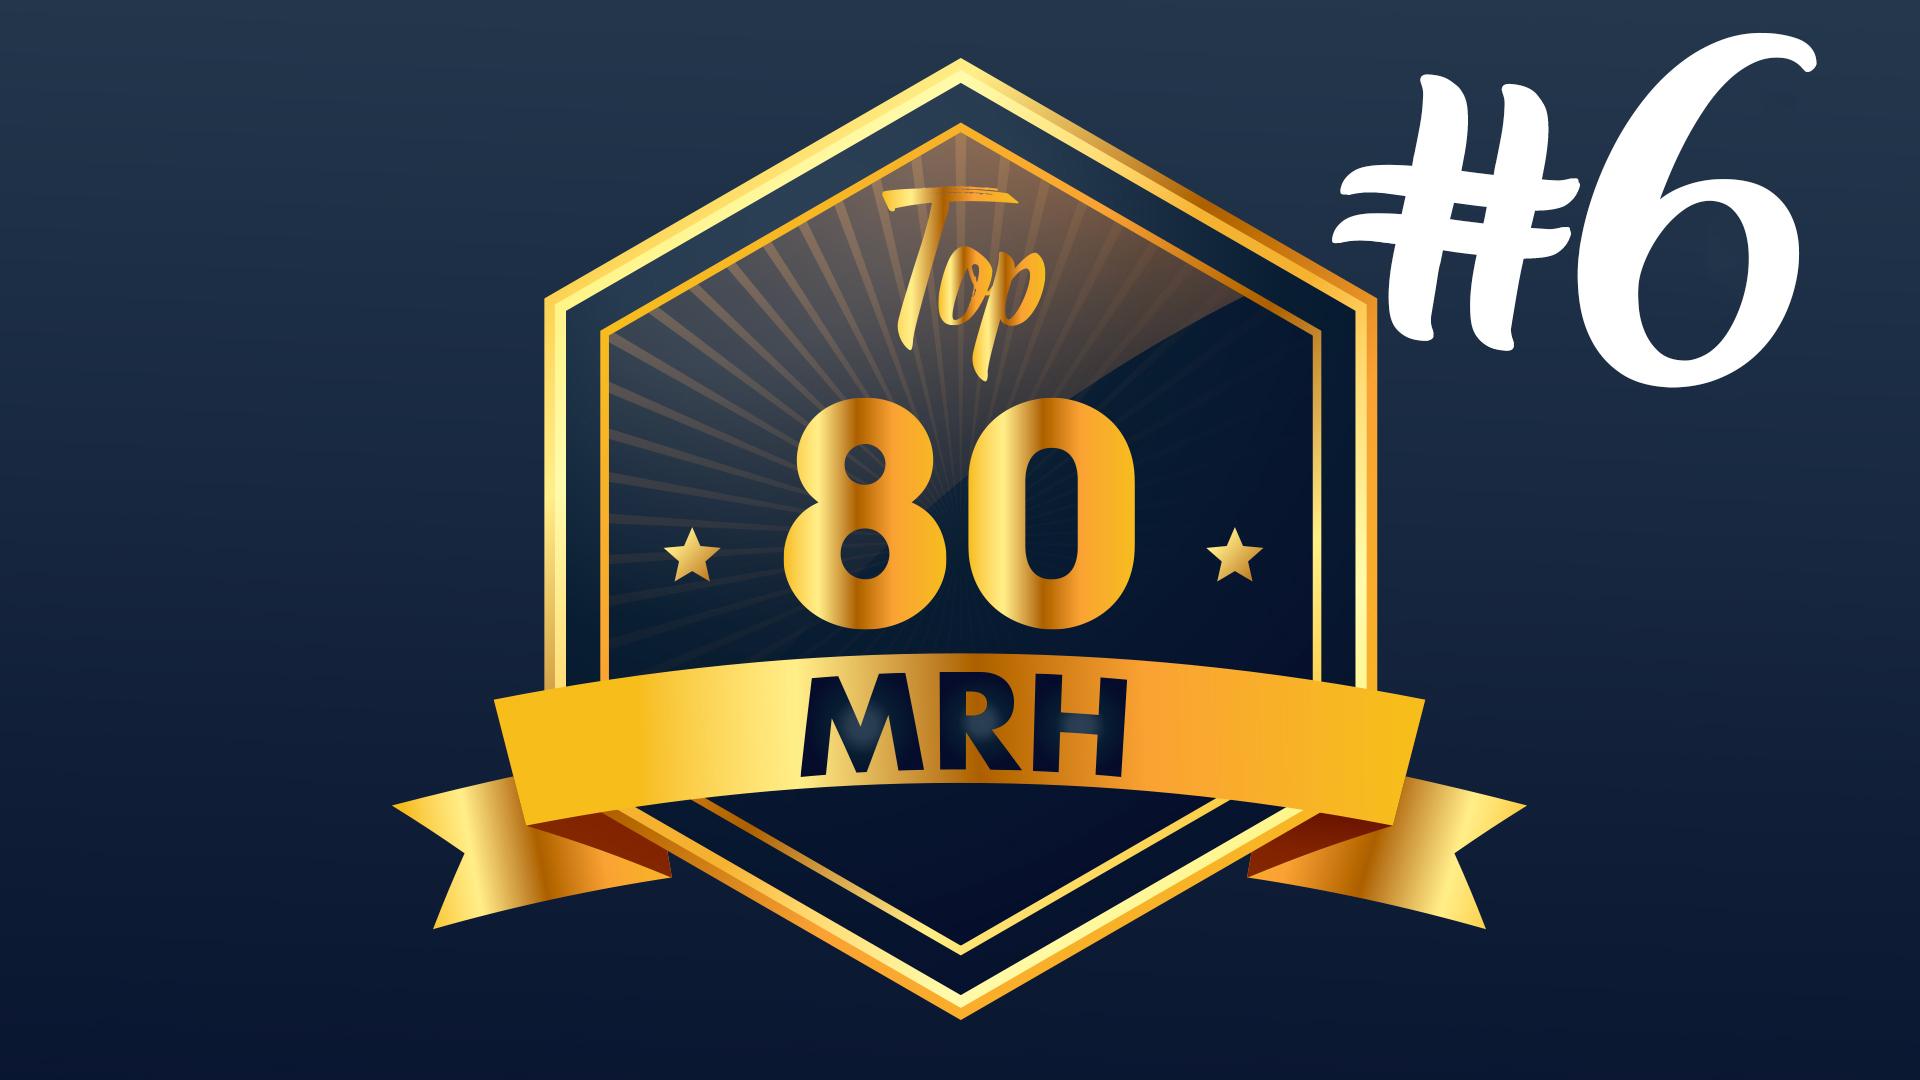 Top 80 MRH - Découvrez le 6e classement de l'année